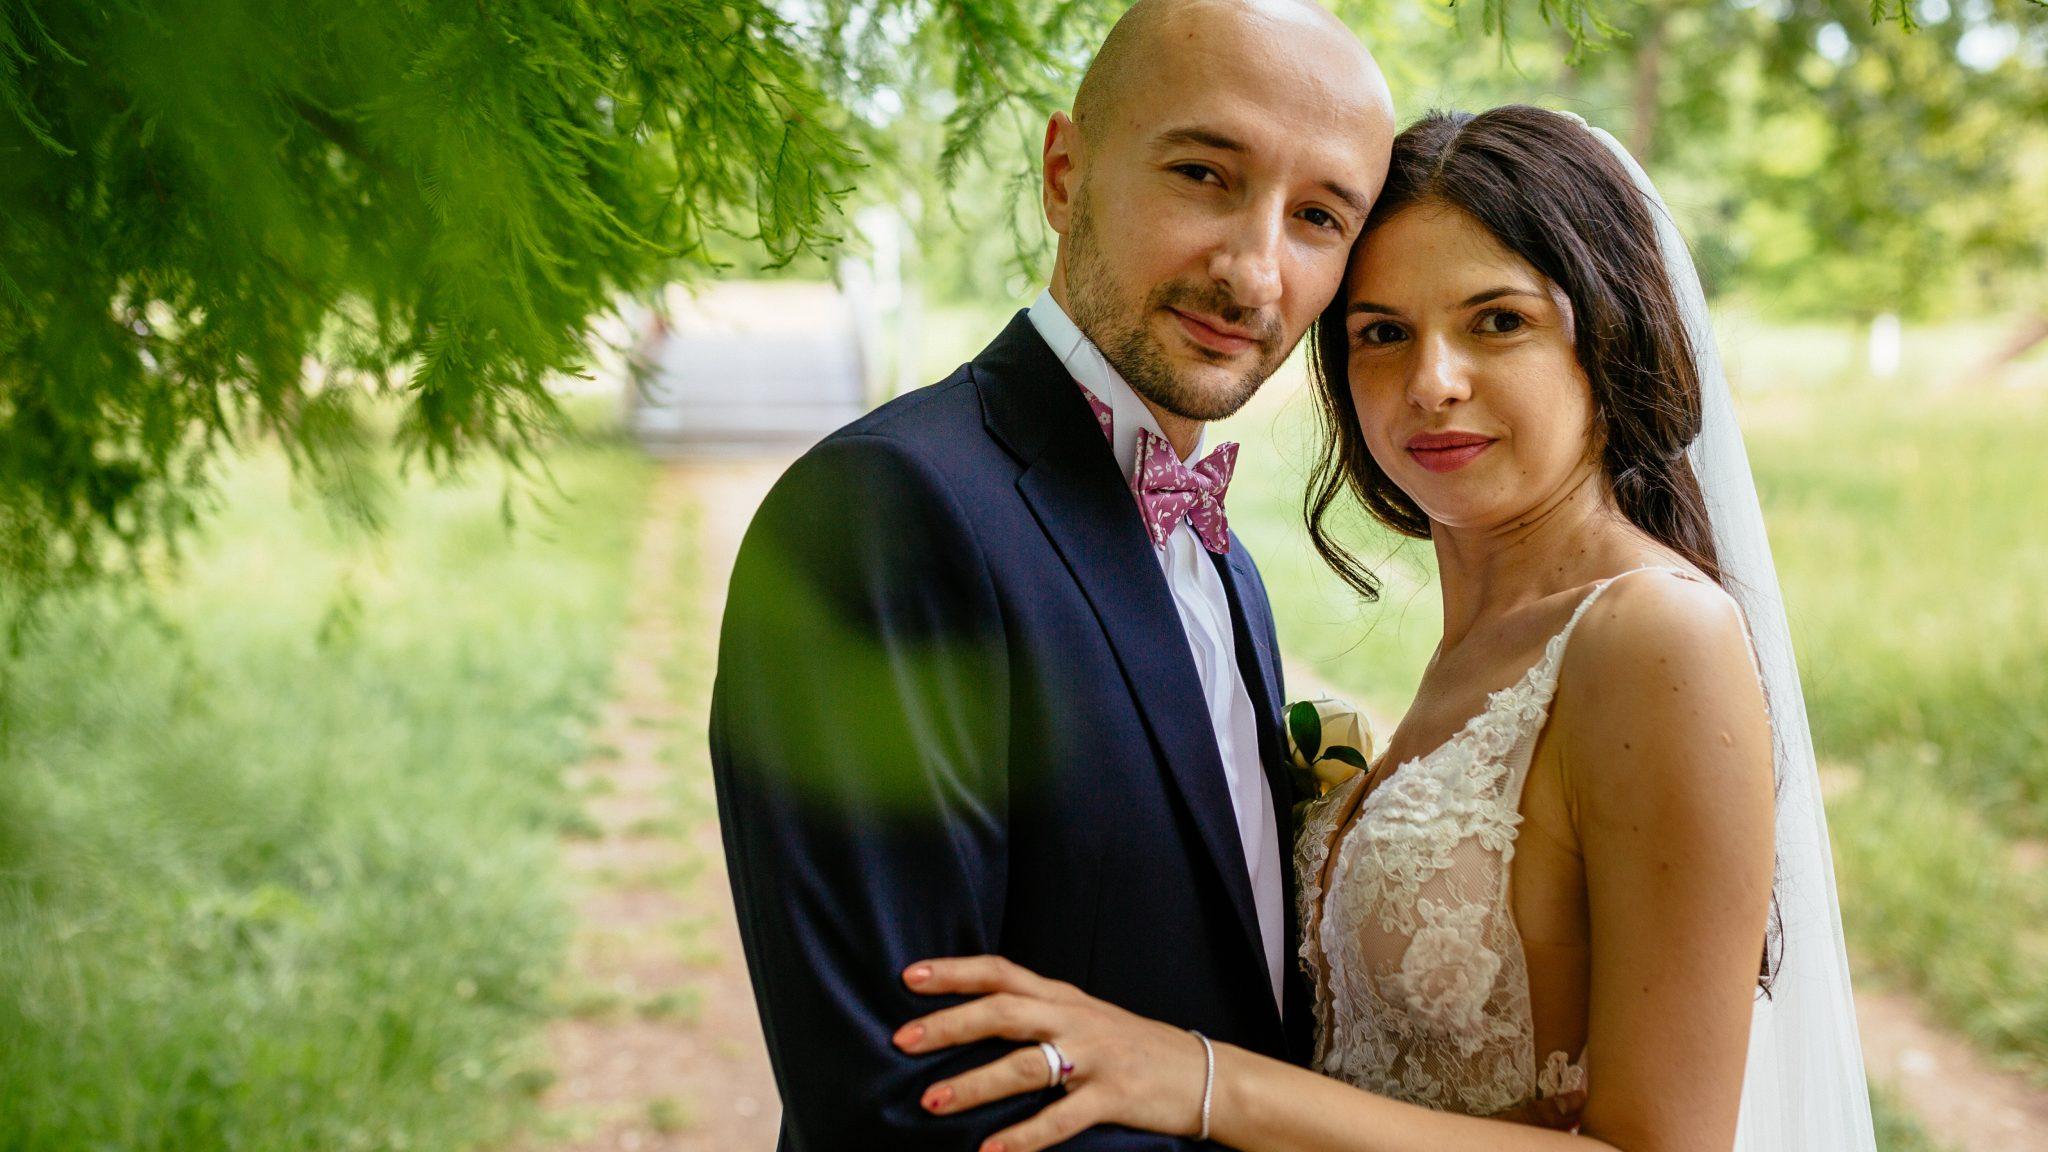 Photo  By Cotea Razvan | Fotograf Nunta |  https://www.cotearazvan.ro/  |  Servicii Foto-video